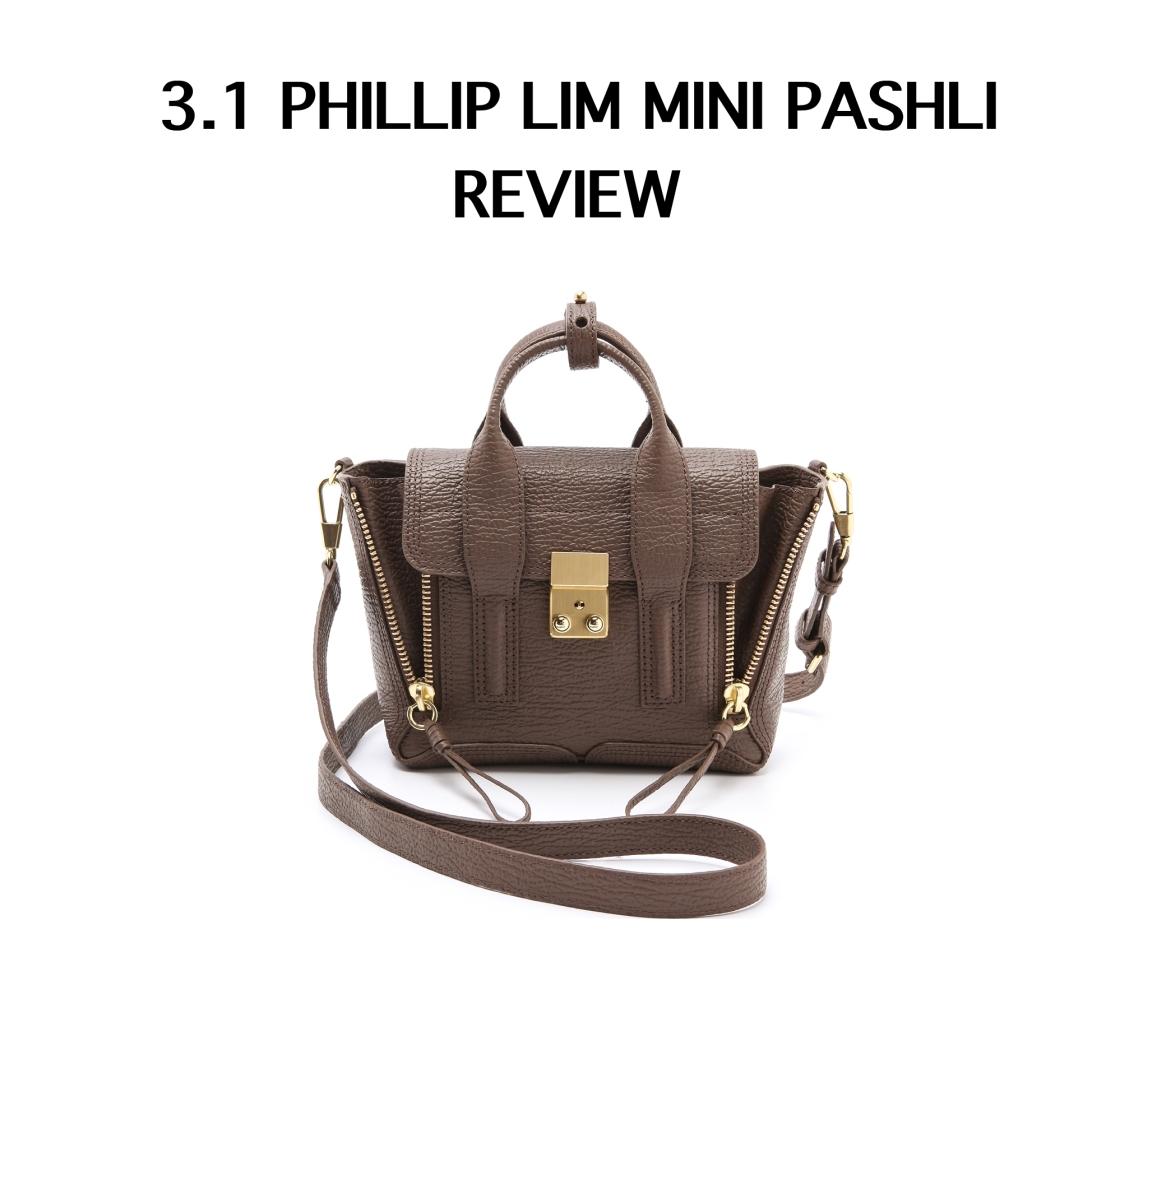 3.1 phillip lim pashli medium satchel review